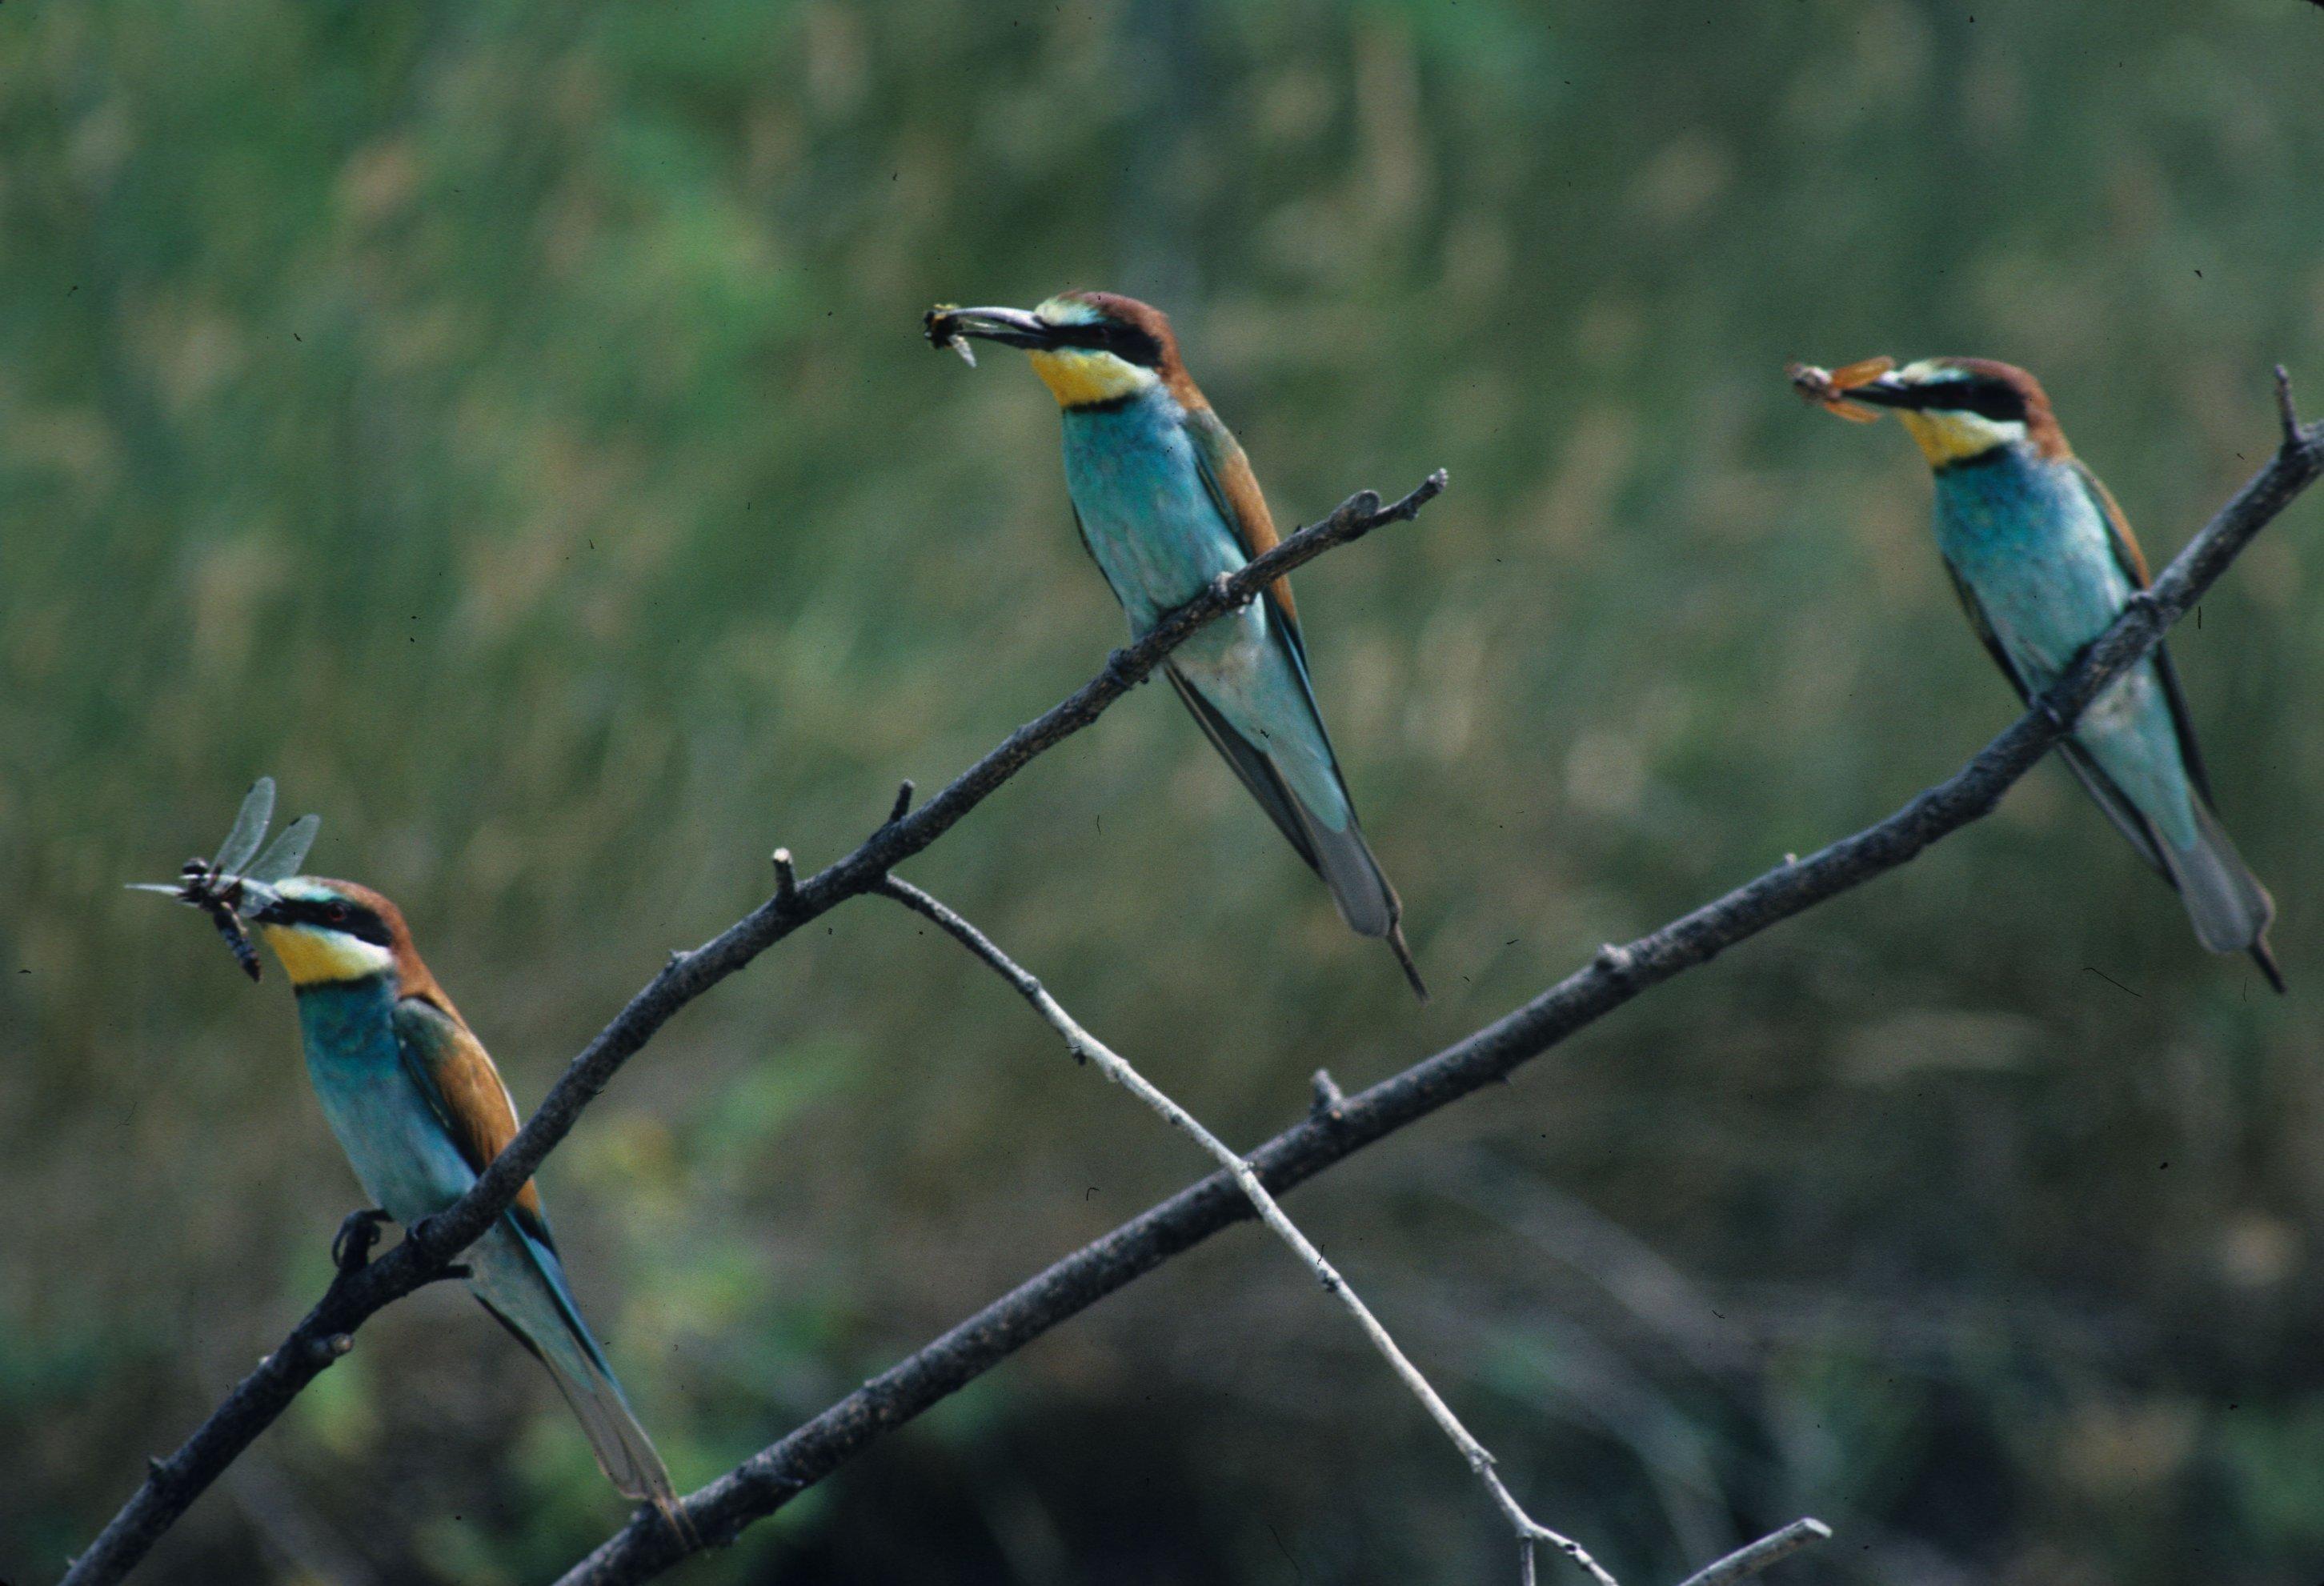 Drei Binenfresser sitzen auf verschiedenen Ästen und haben Insekten im Schnabel.